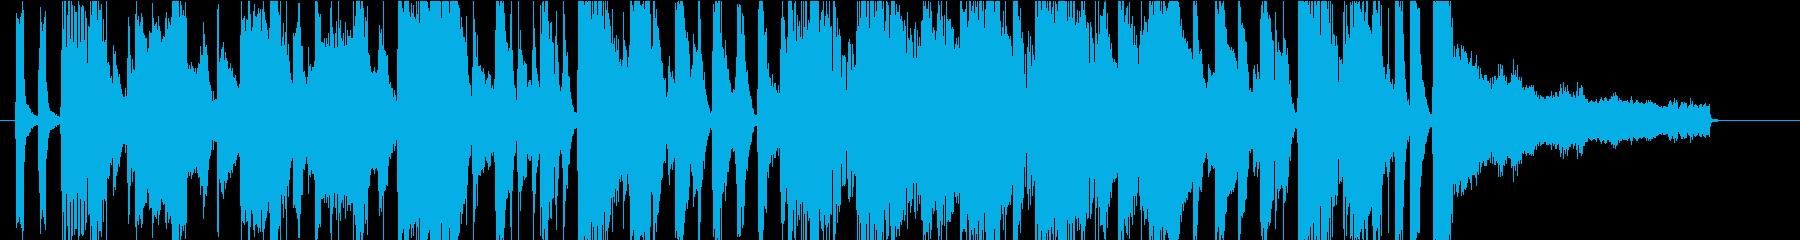 30秒CMサイズ 明るく元気な4ビートの再生済みの波形